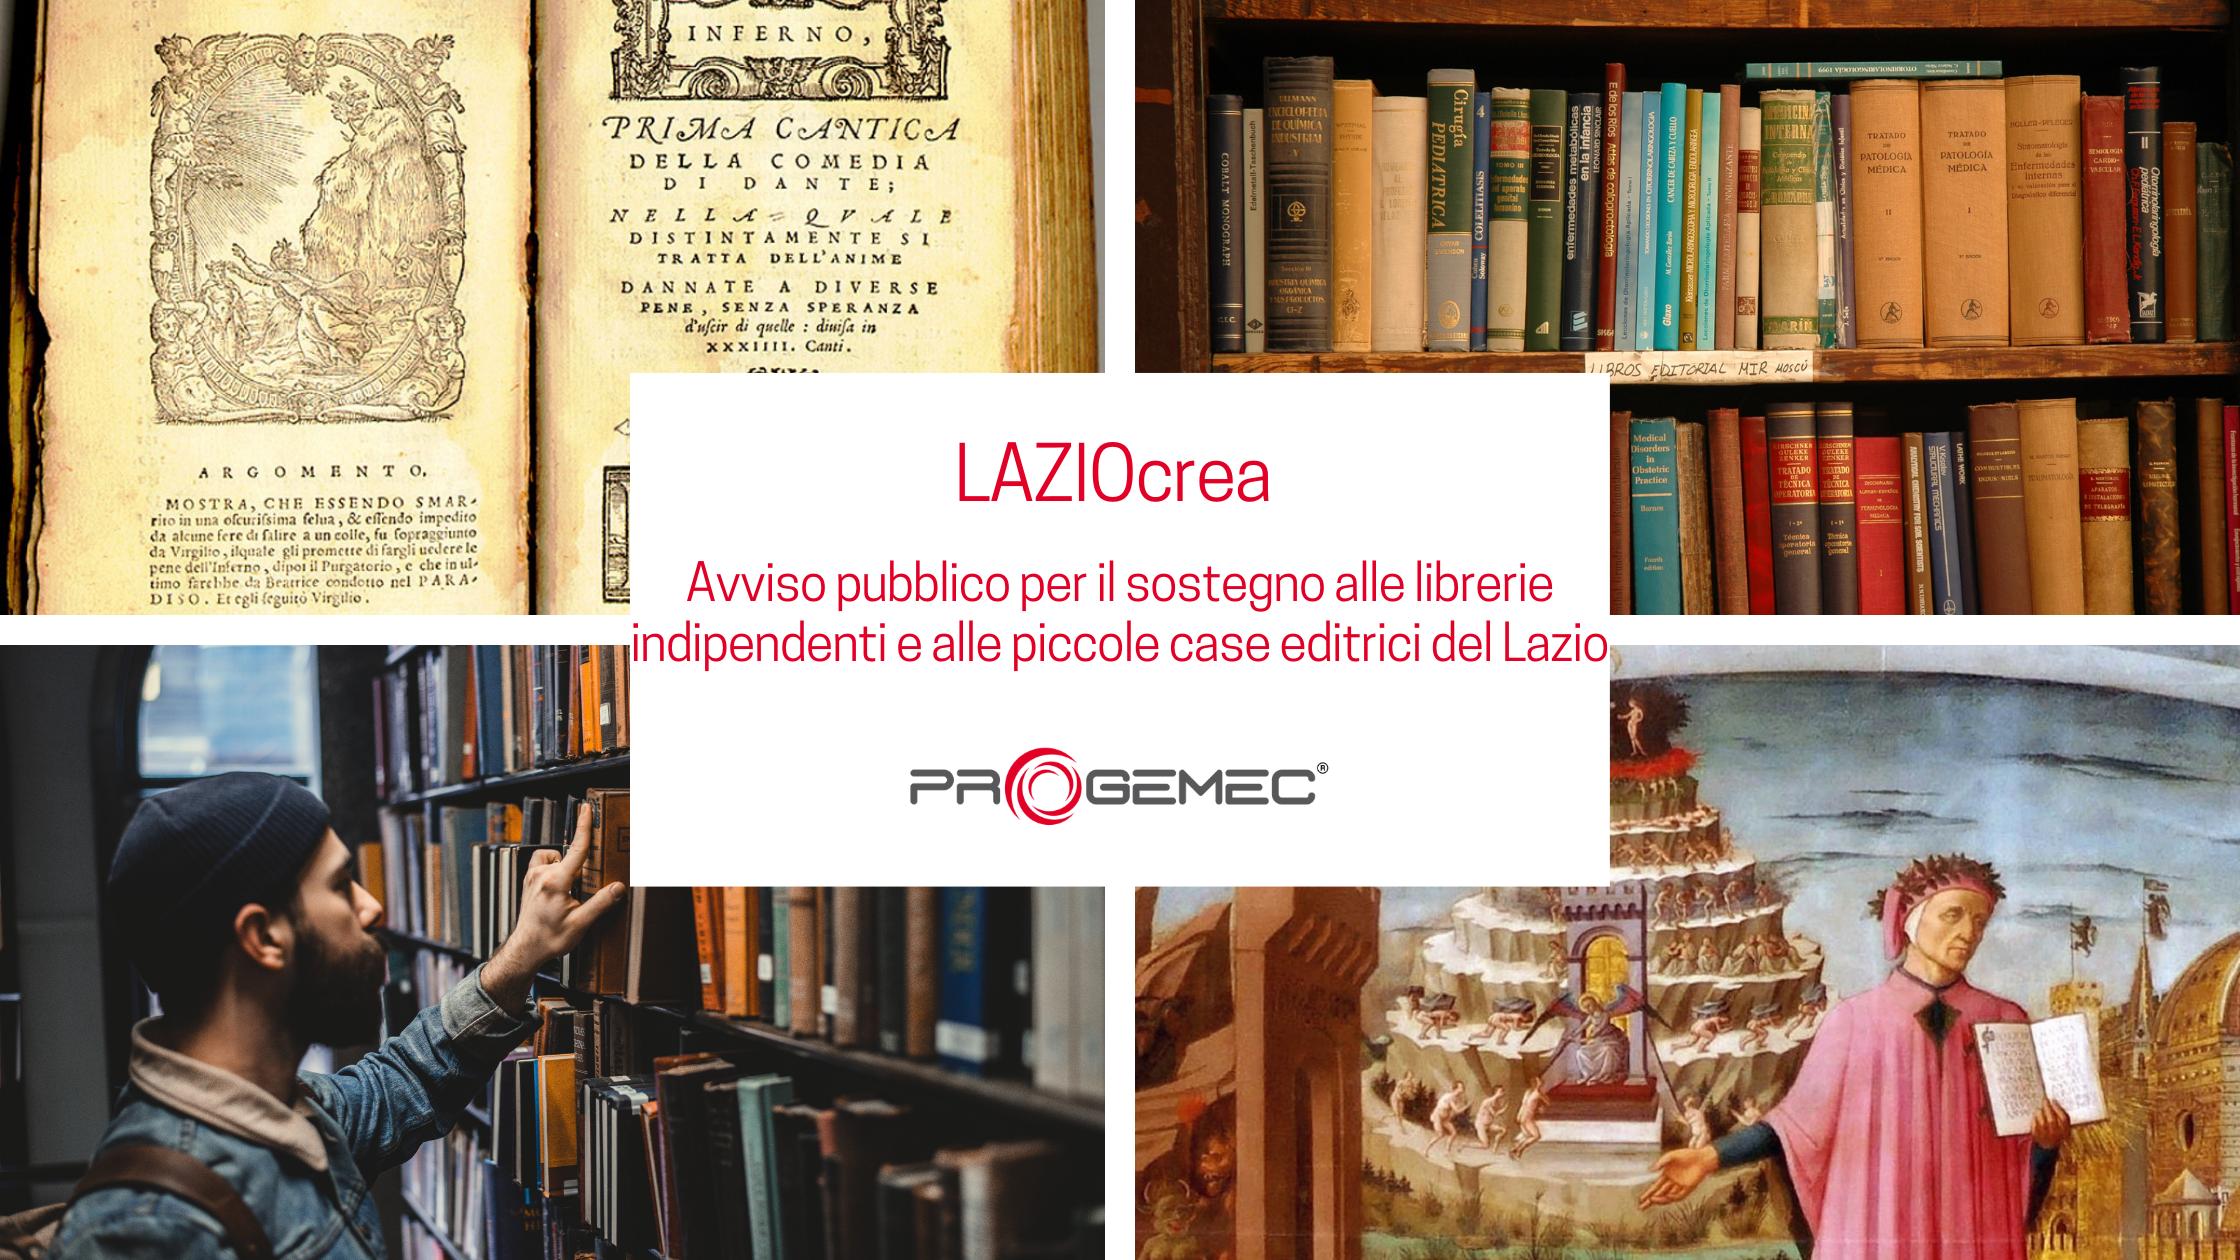 LAZIOcrea - Incentivi per librerie indipendenti e piccole case editrici